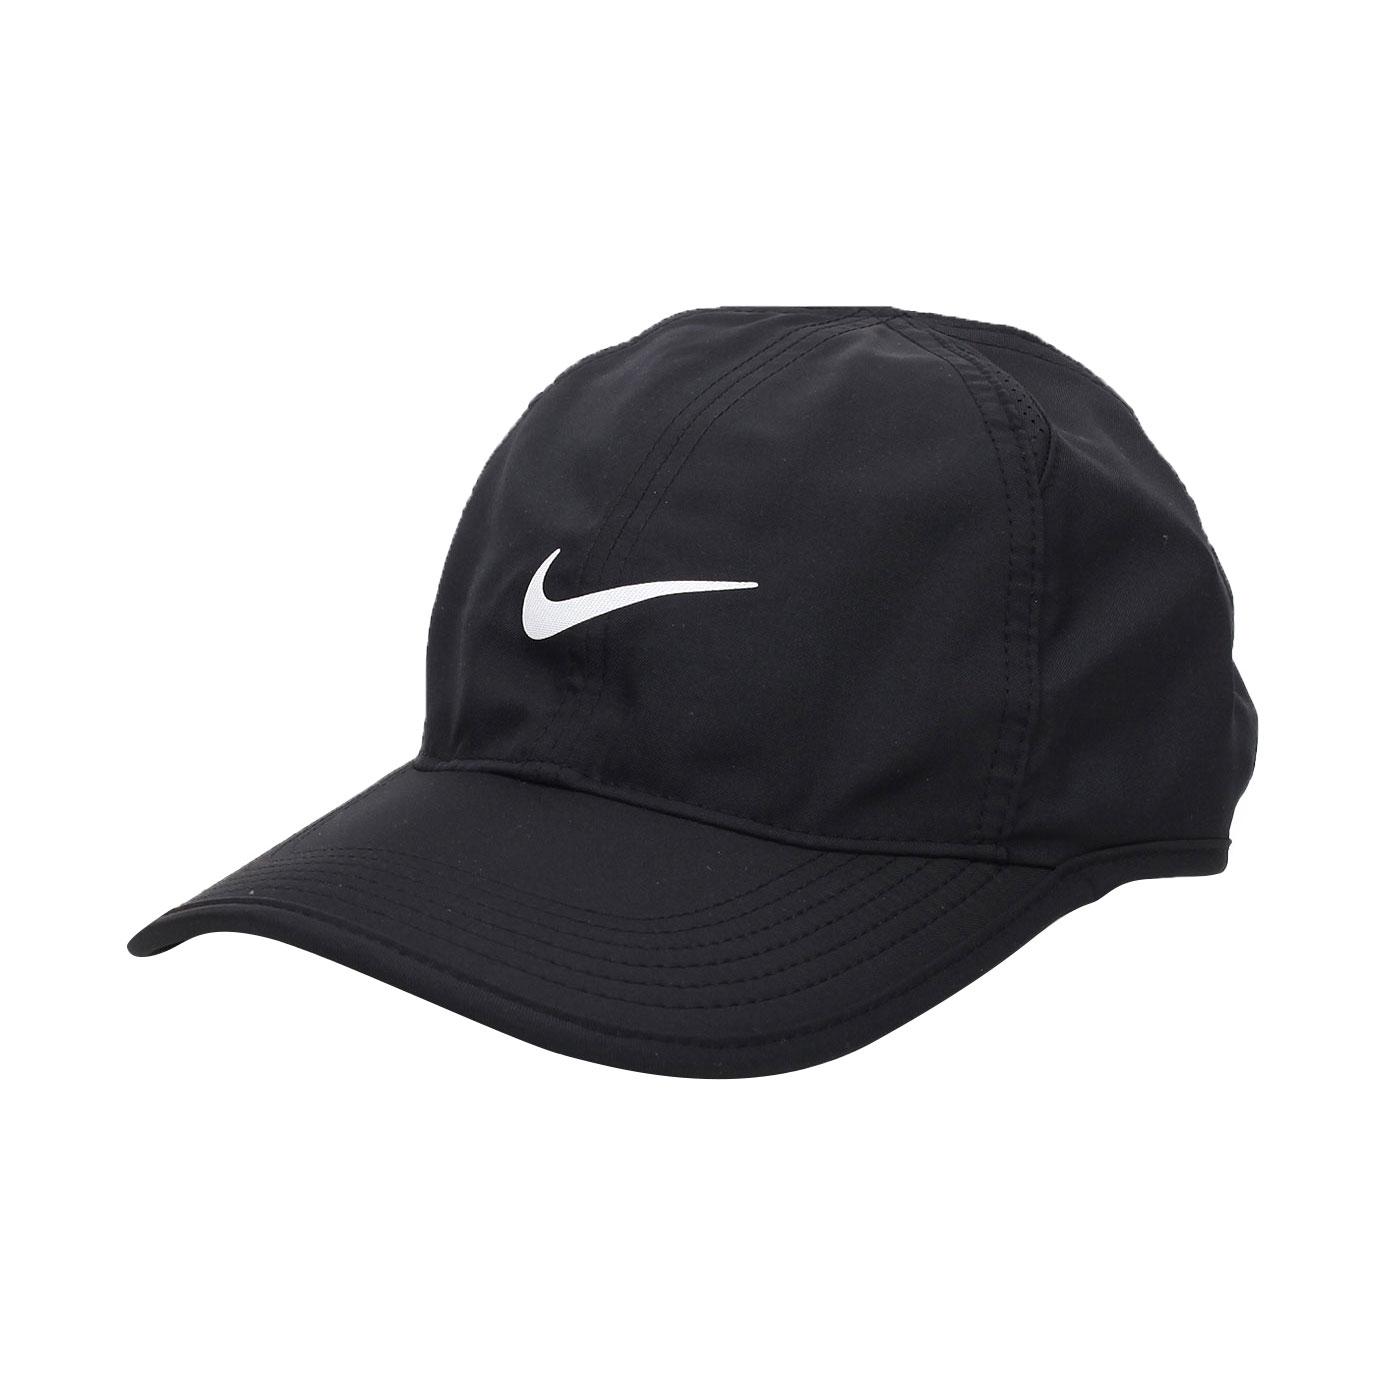 NIKE 運動帽 (帽子 鴨舌帽 慢跑 路跑 登山 防曬【98490456】≡排汗專家≡